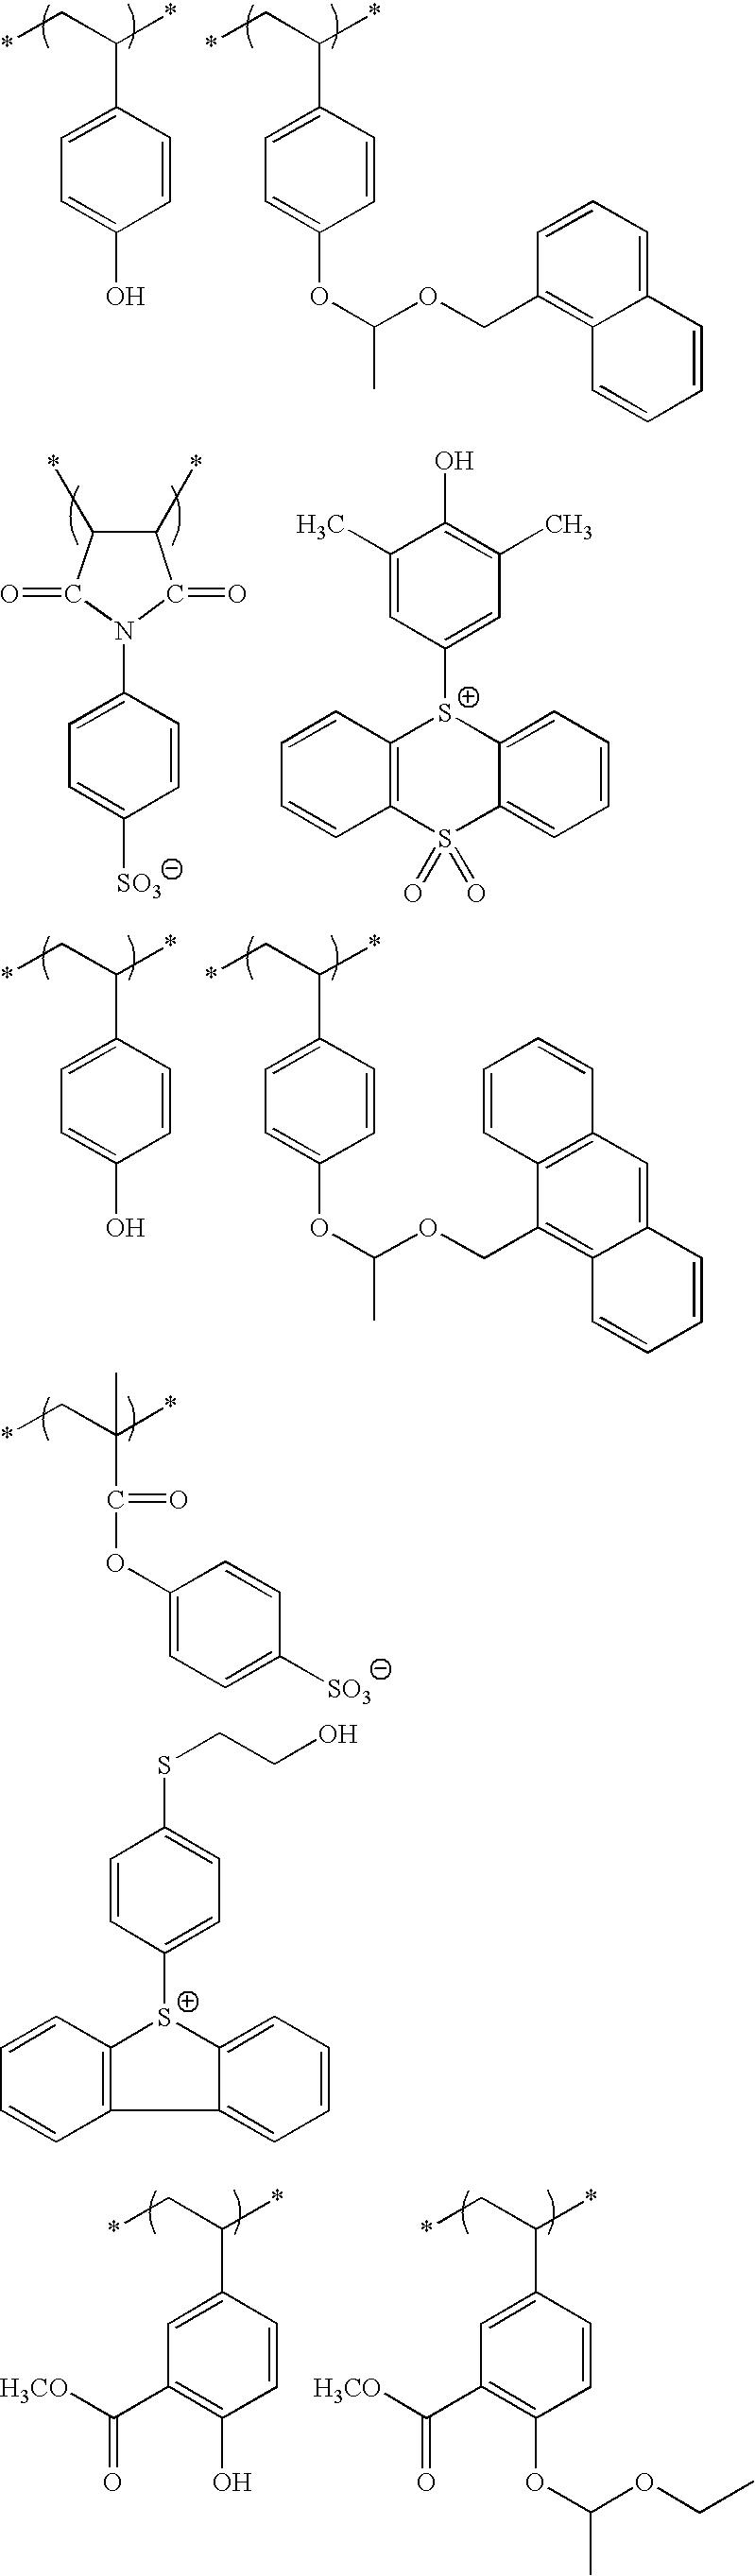 Figure US08852845-20141007-C00161